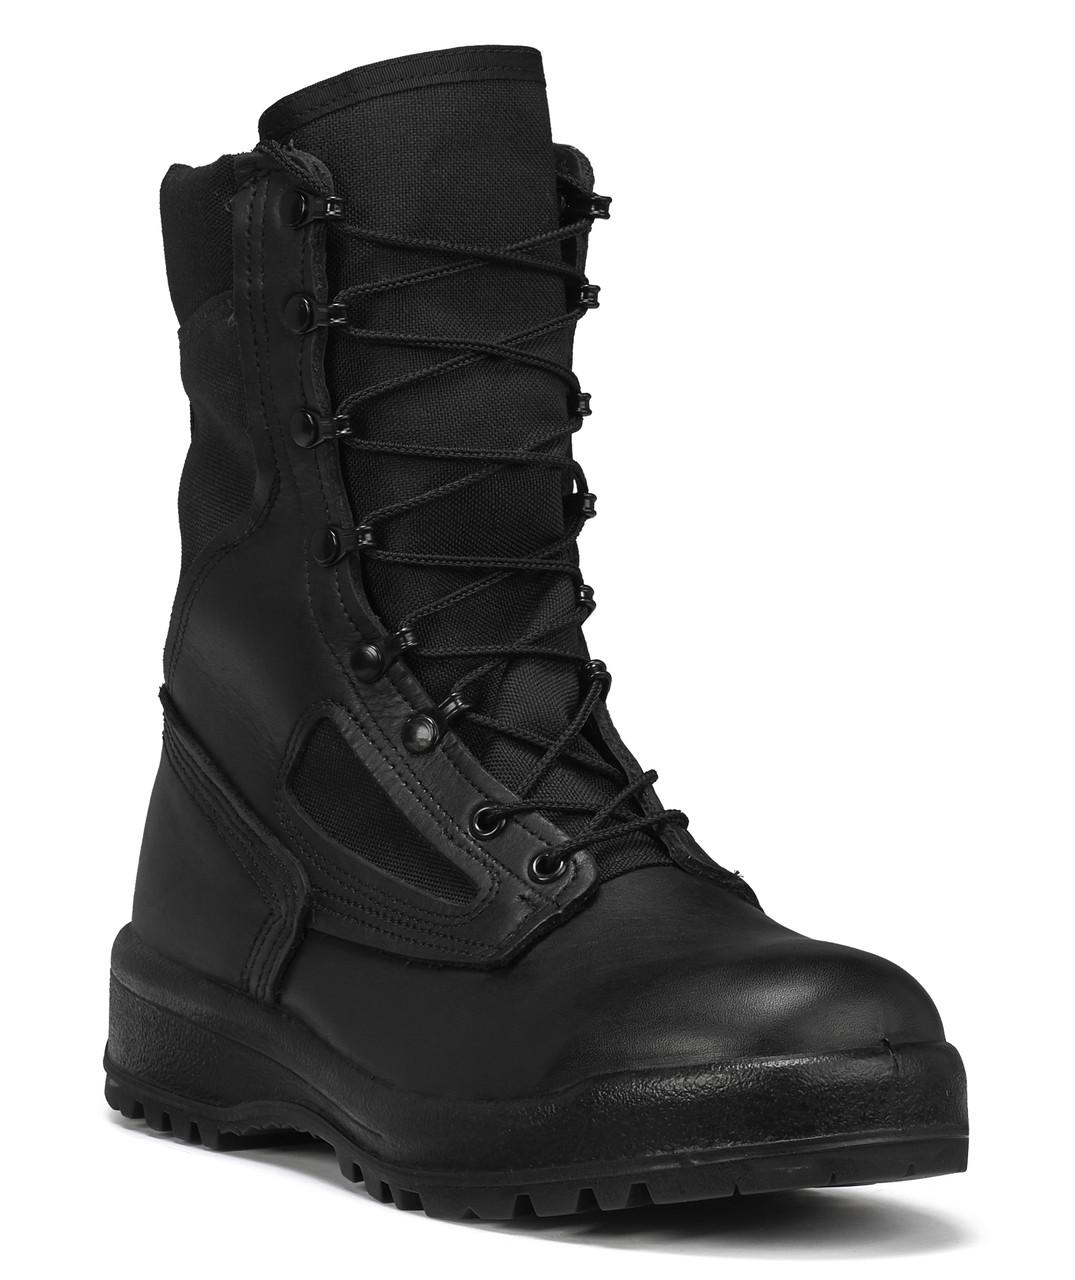 BELLEVILLE 300 TST TROP ST HOT WEATHER BLACK STEEL TOE BOOTS